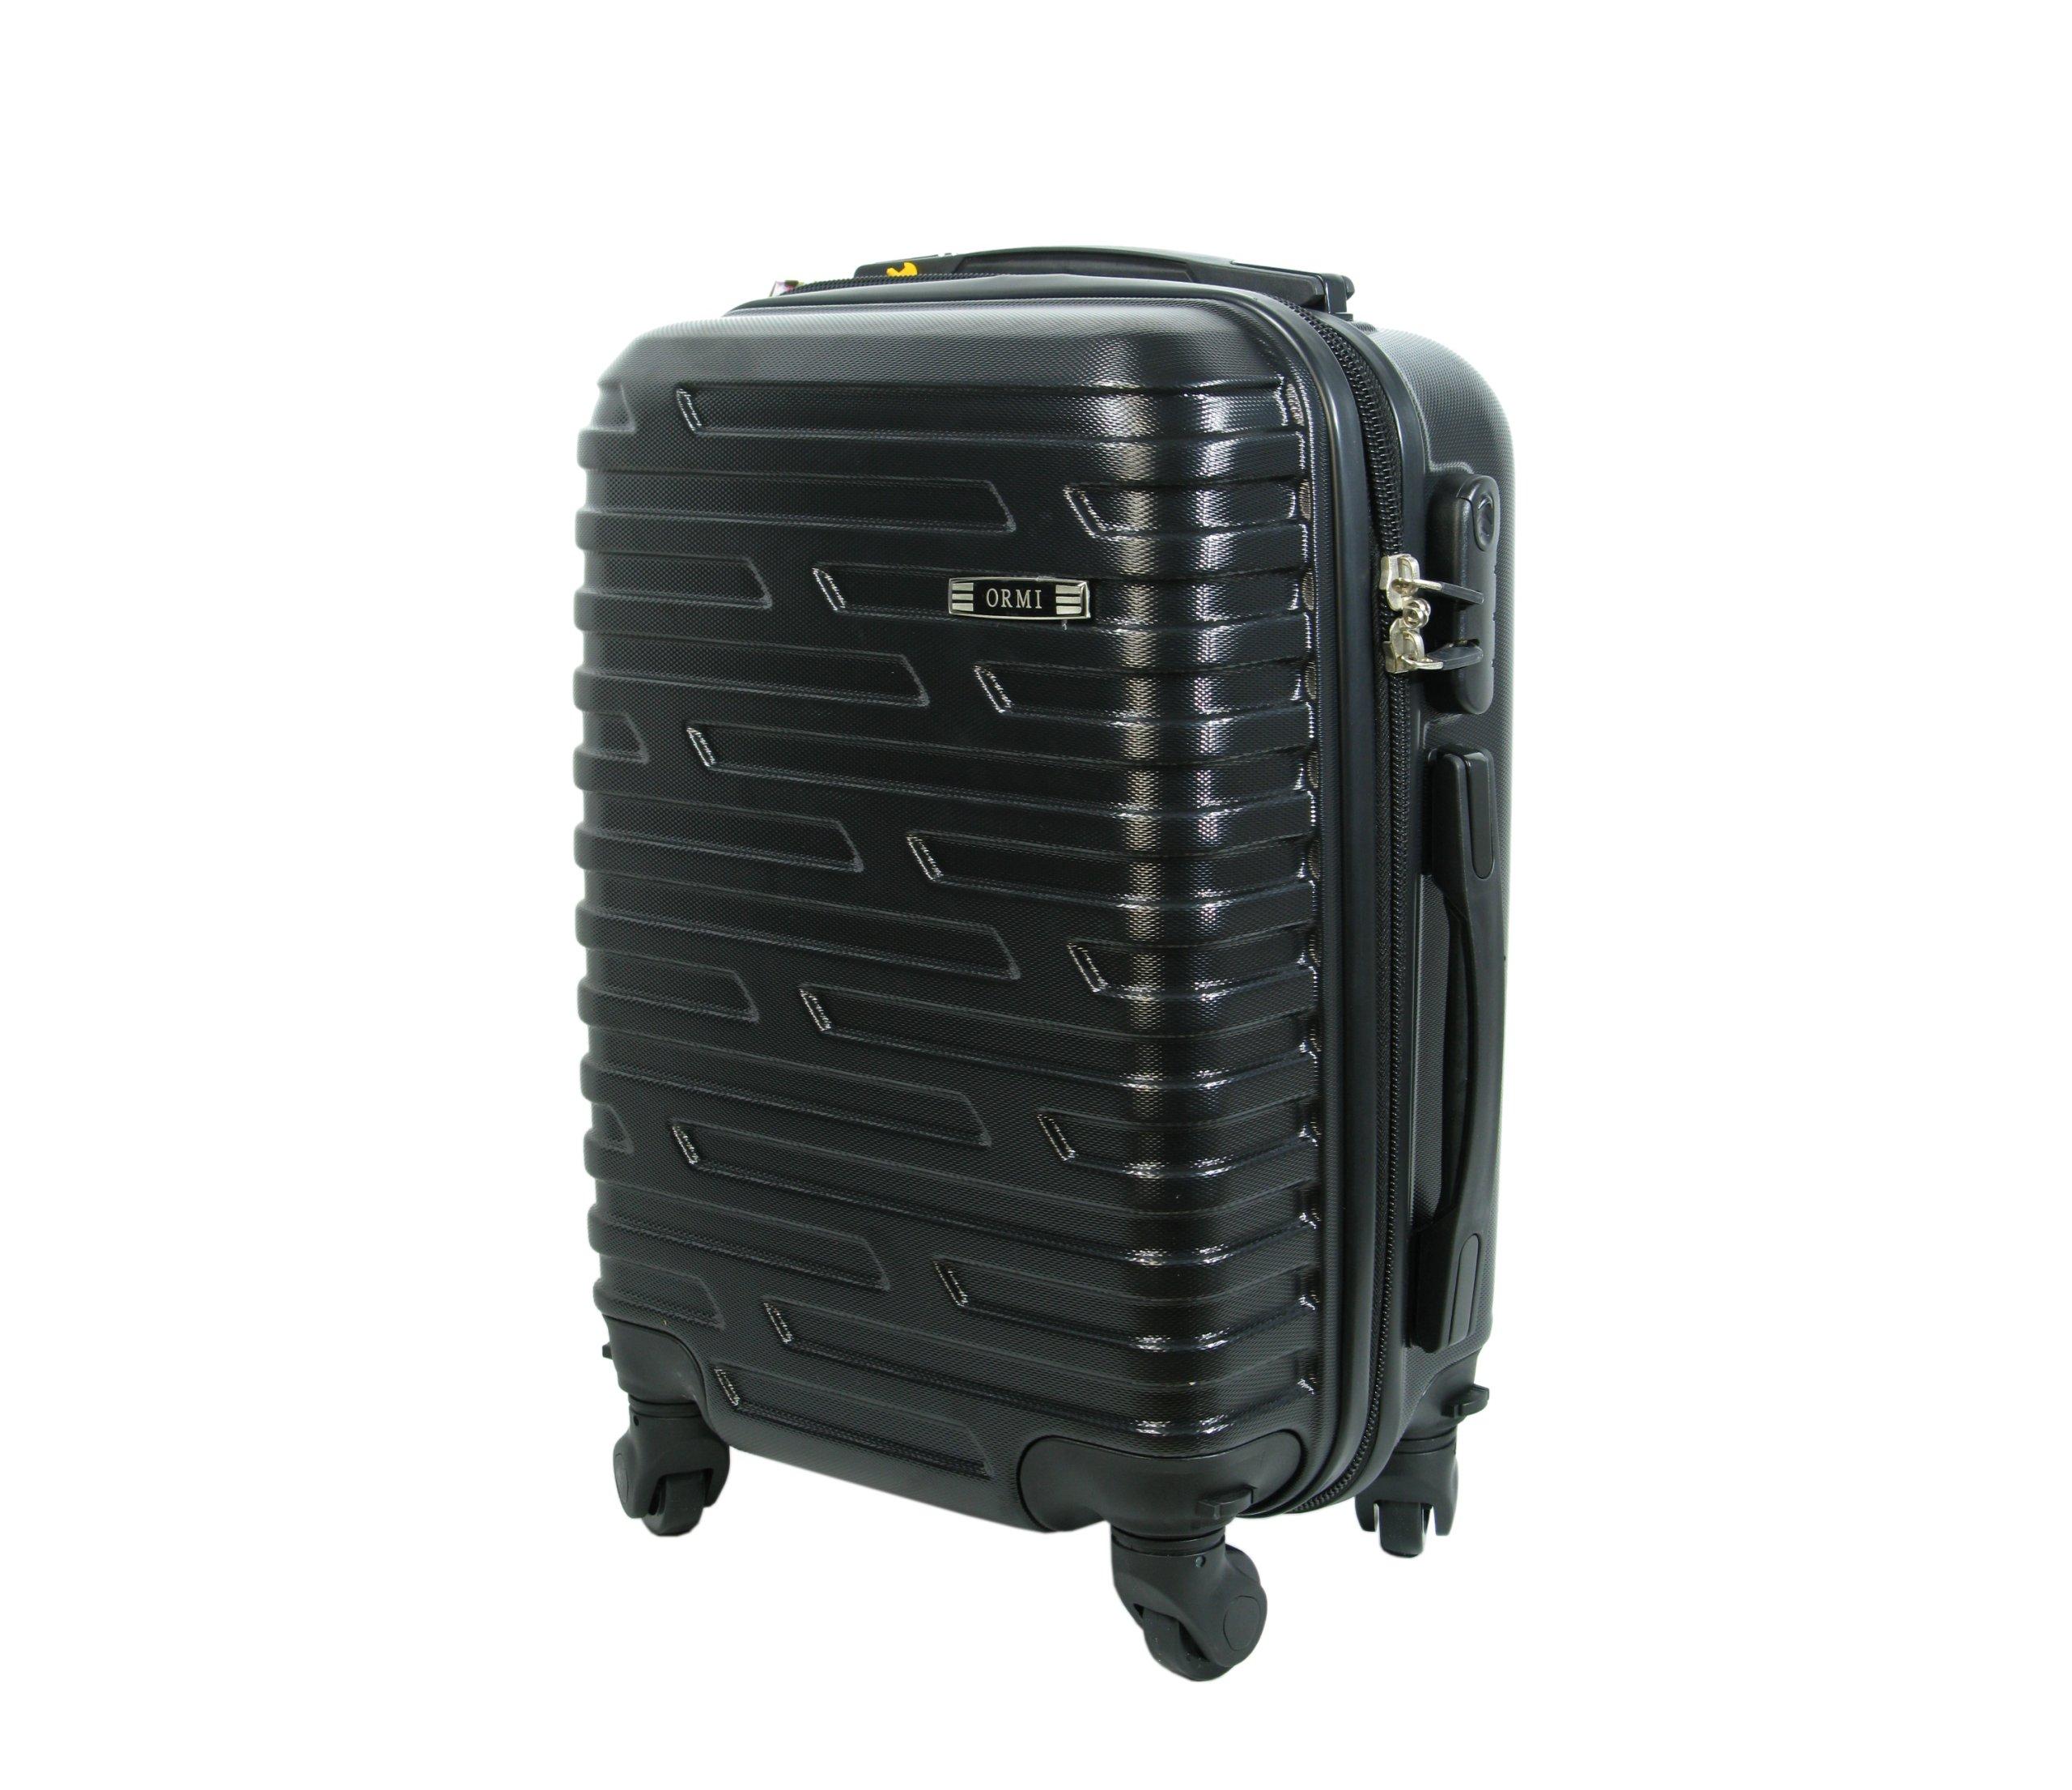 7c66294928c49 walizka ormi Nowy w Oficjalnym Archiwum Allegro - archiwum ofert